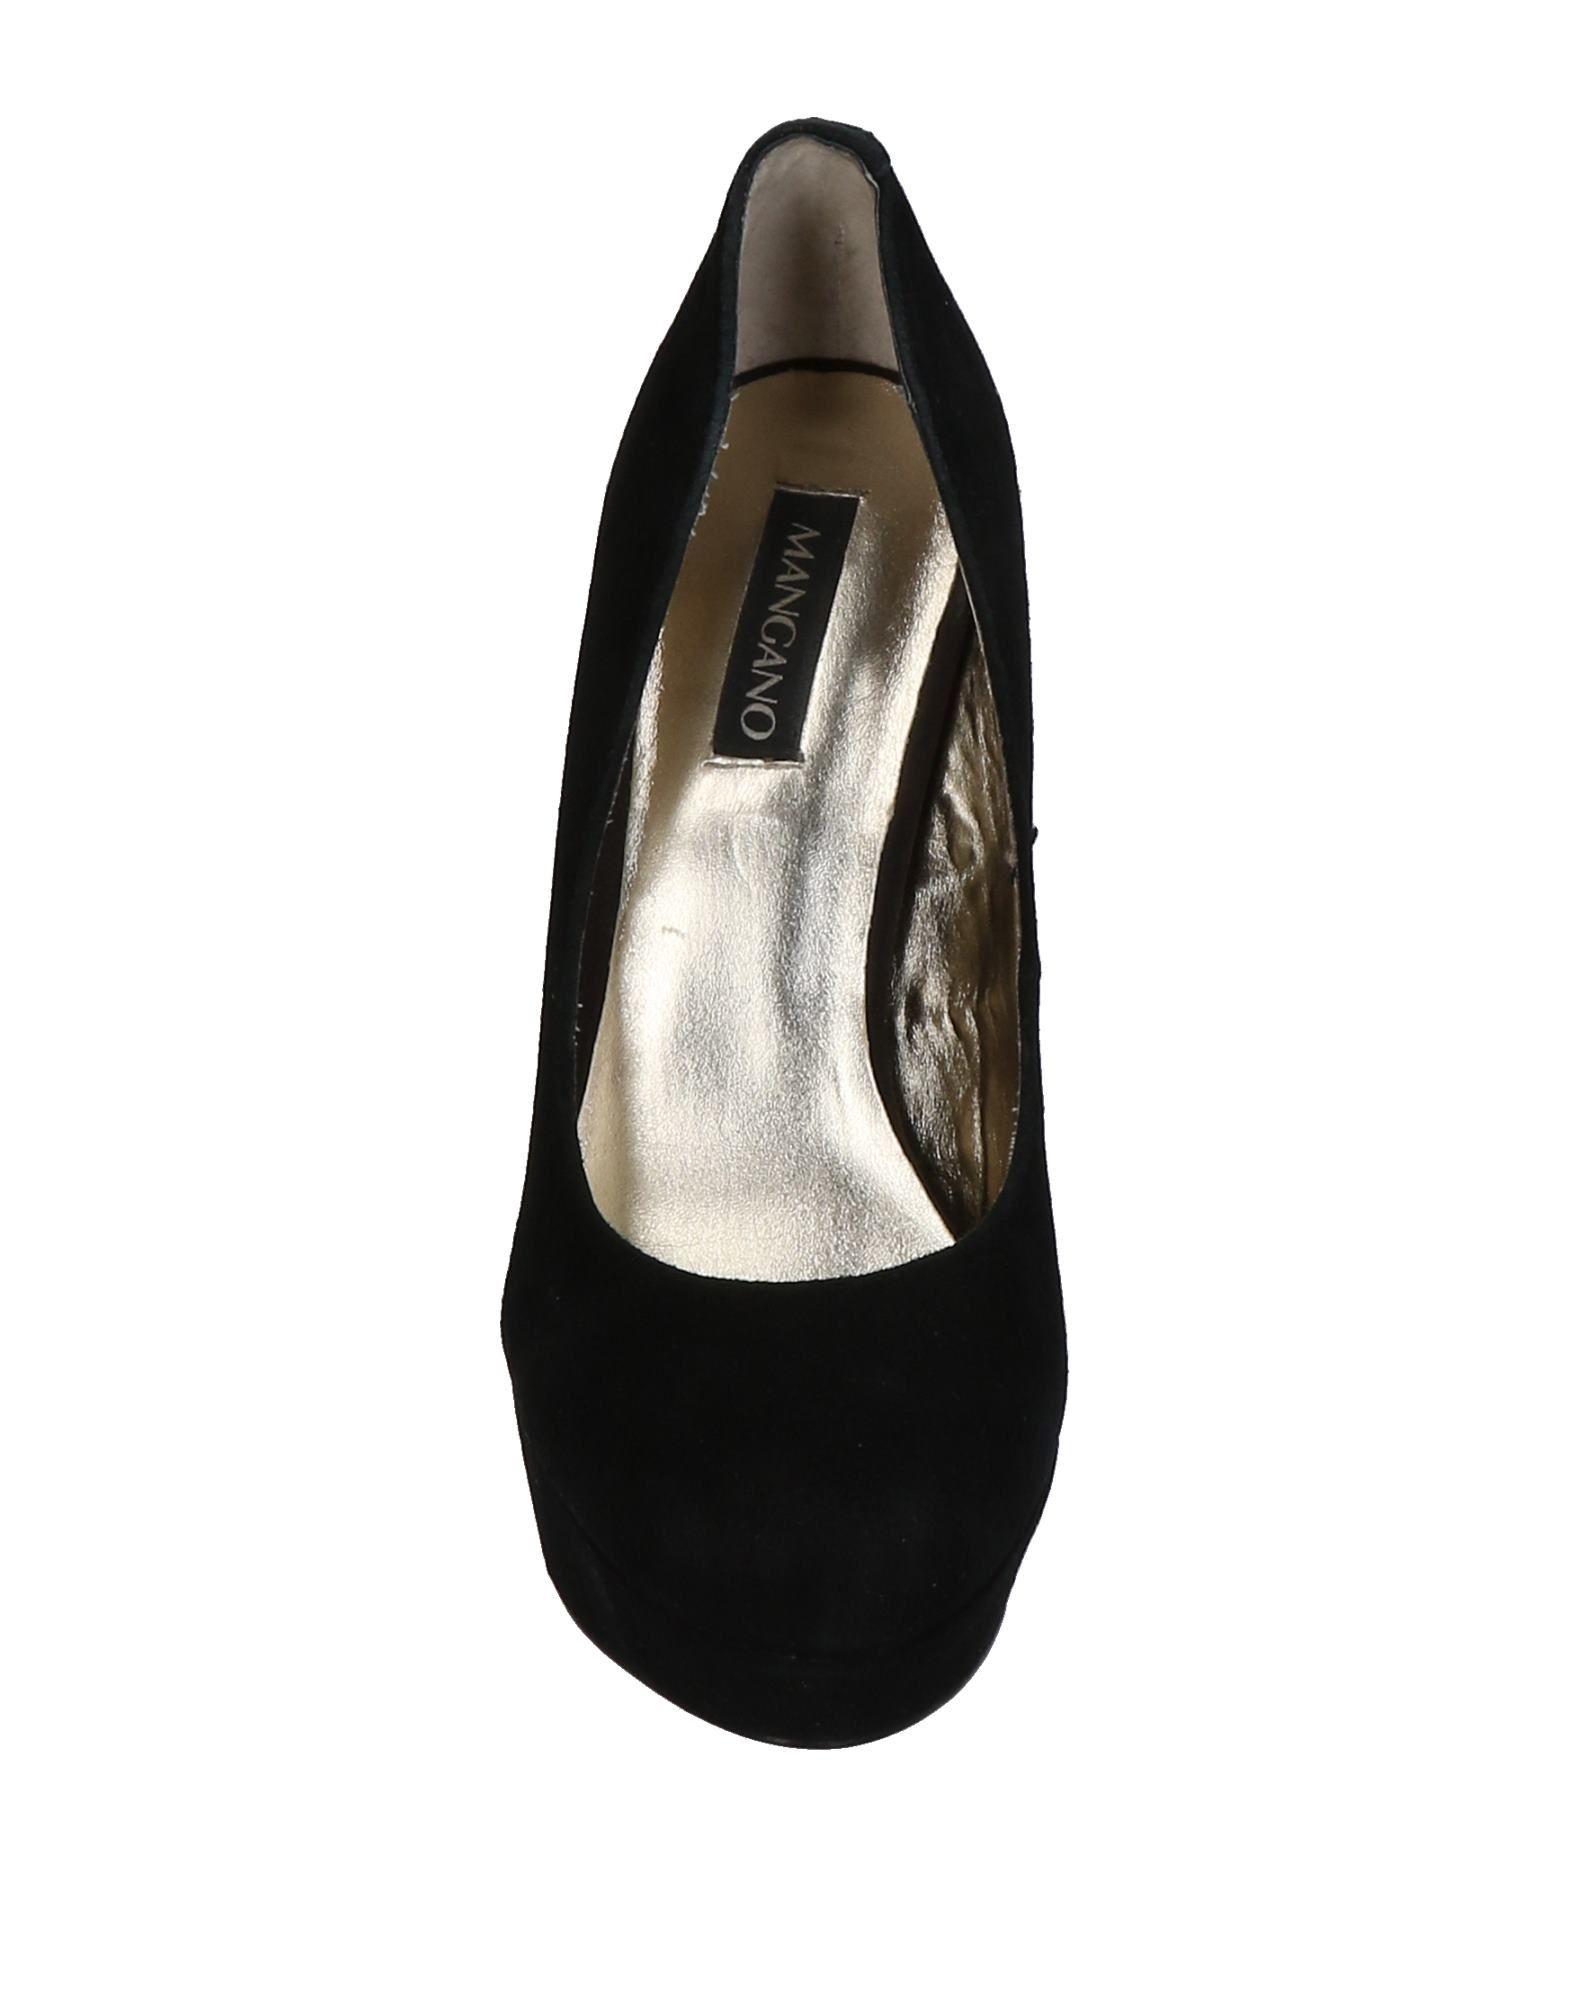 Mangano Pumps Damen  11452421CK Schuhe Gute Qualität beliebte Schuhe 11452421CK 3664a6